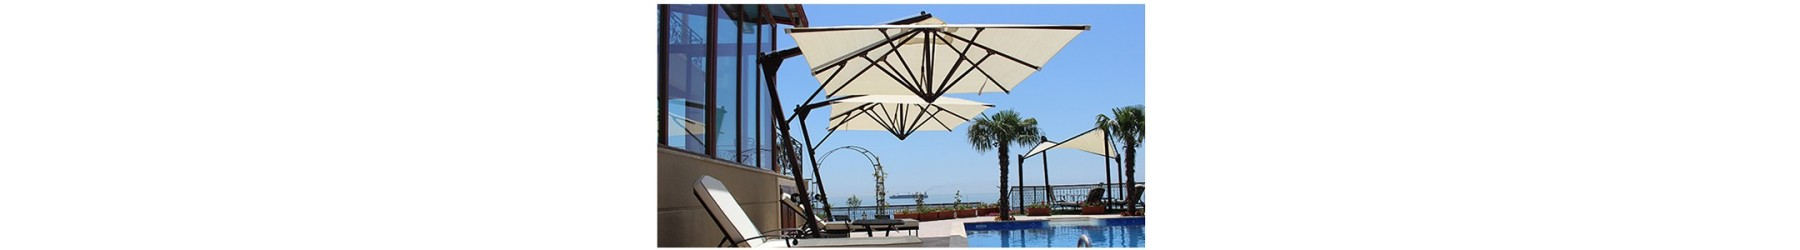 Επαγγελματικές ομπρέλες ξενοδοχείου, παραλίας, καφετέριας